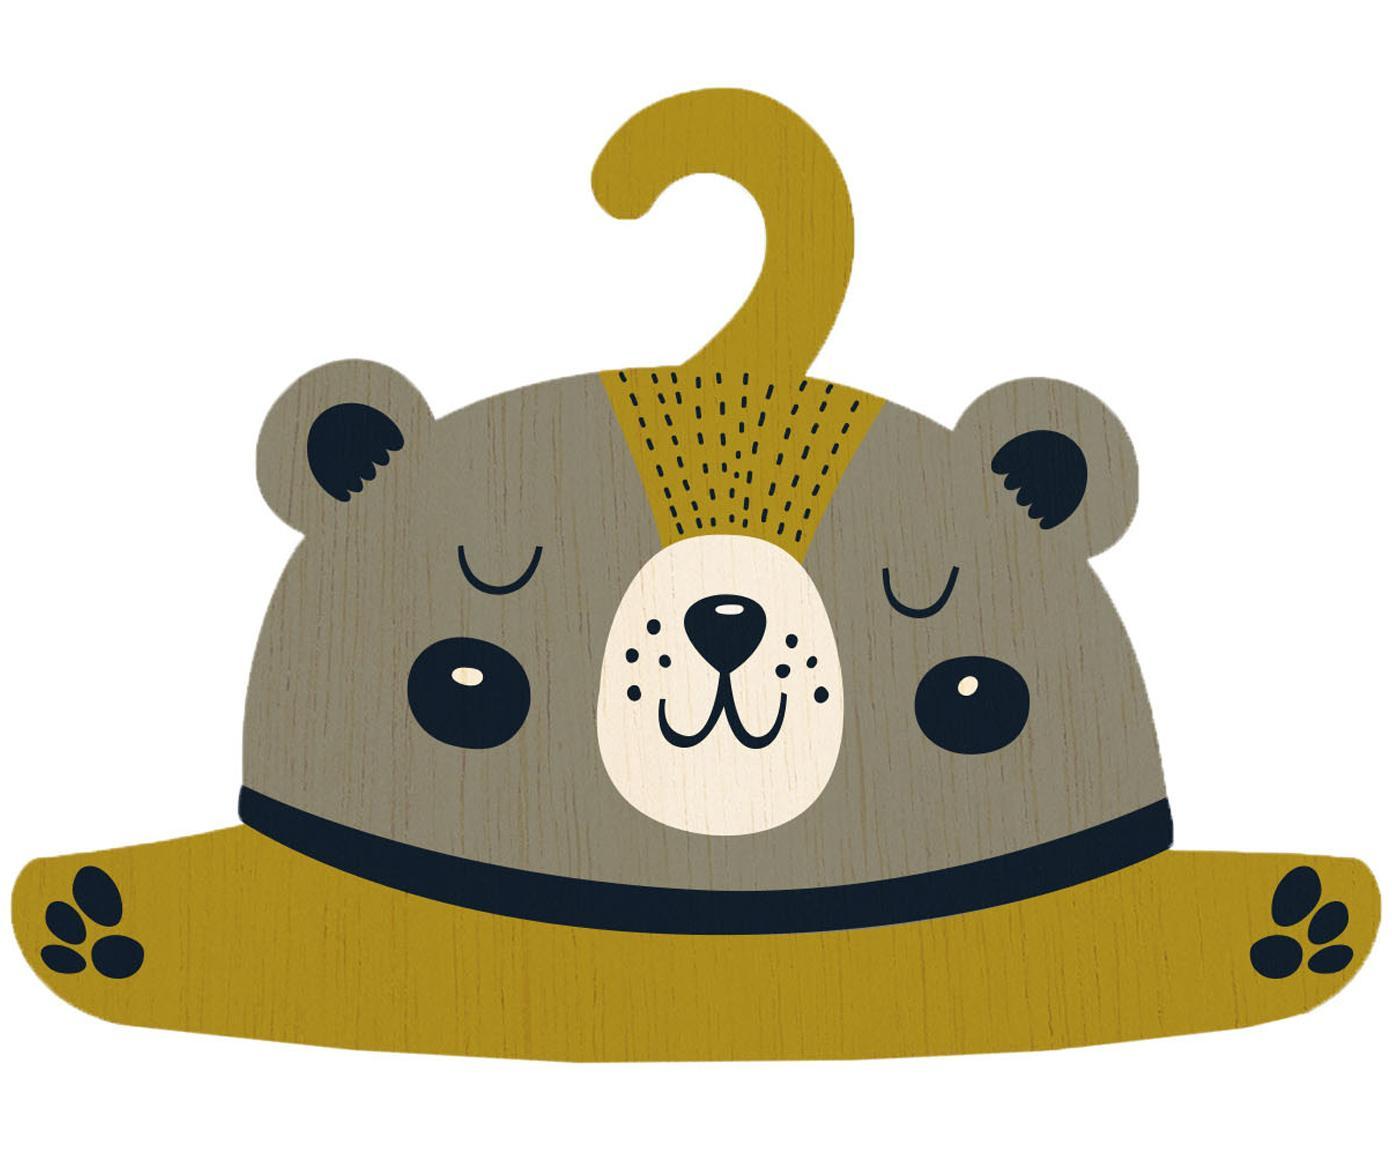 Wieszak na ubrania Bear, Sklejka powlekana, Greige, musztardowy, czarny, kremowy, S 30 x W 30 cm